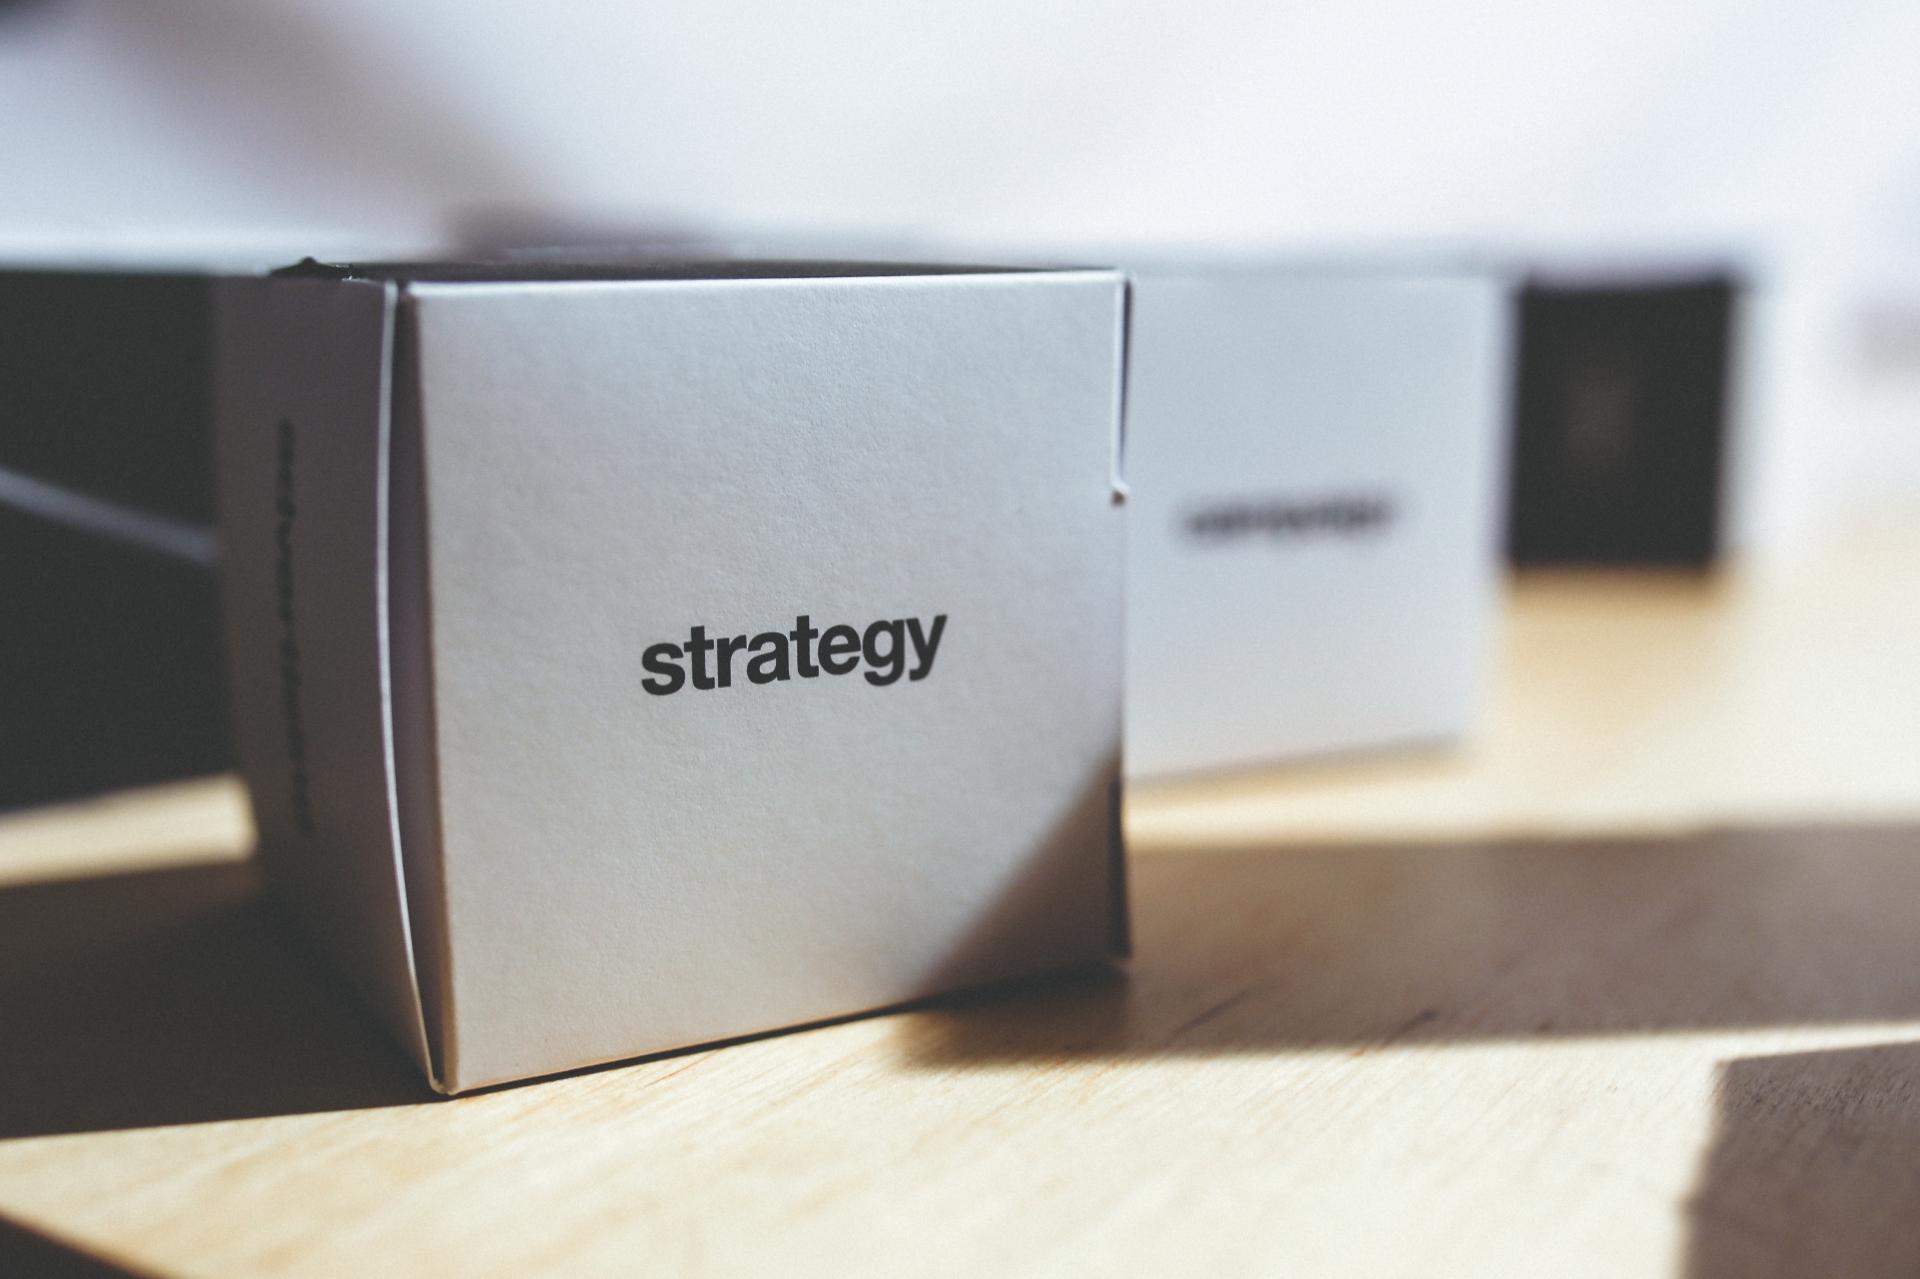 Hogyan válasszunk csomagolást termékeinknek? 12 pontos csekklista és beszerzési segédlet KKV-knak